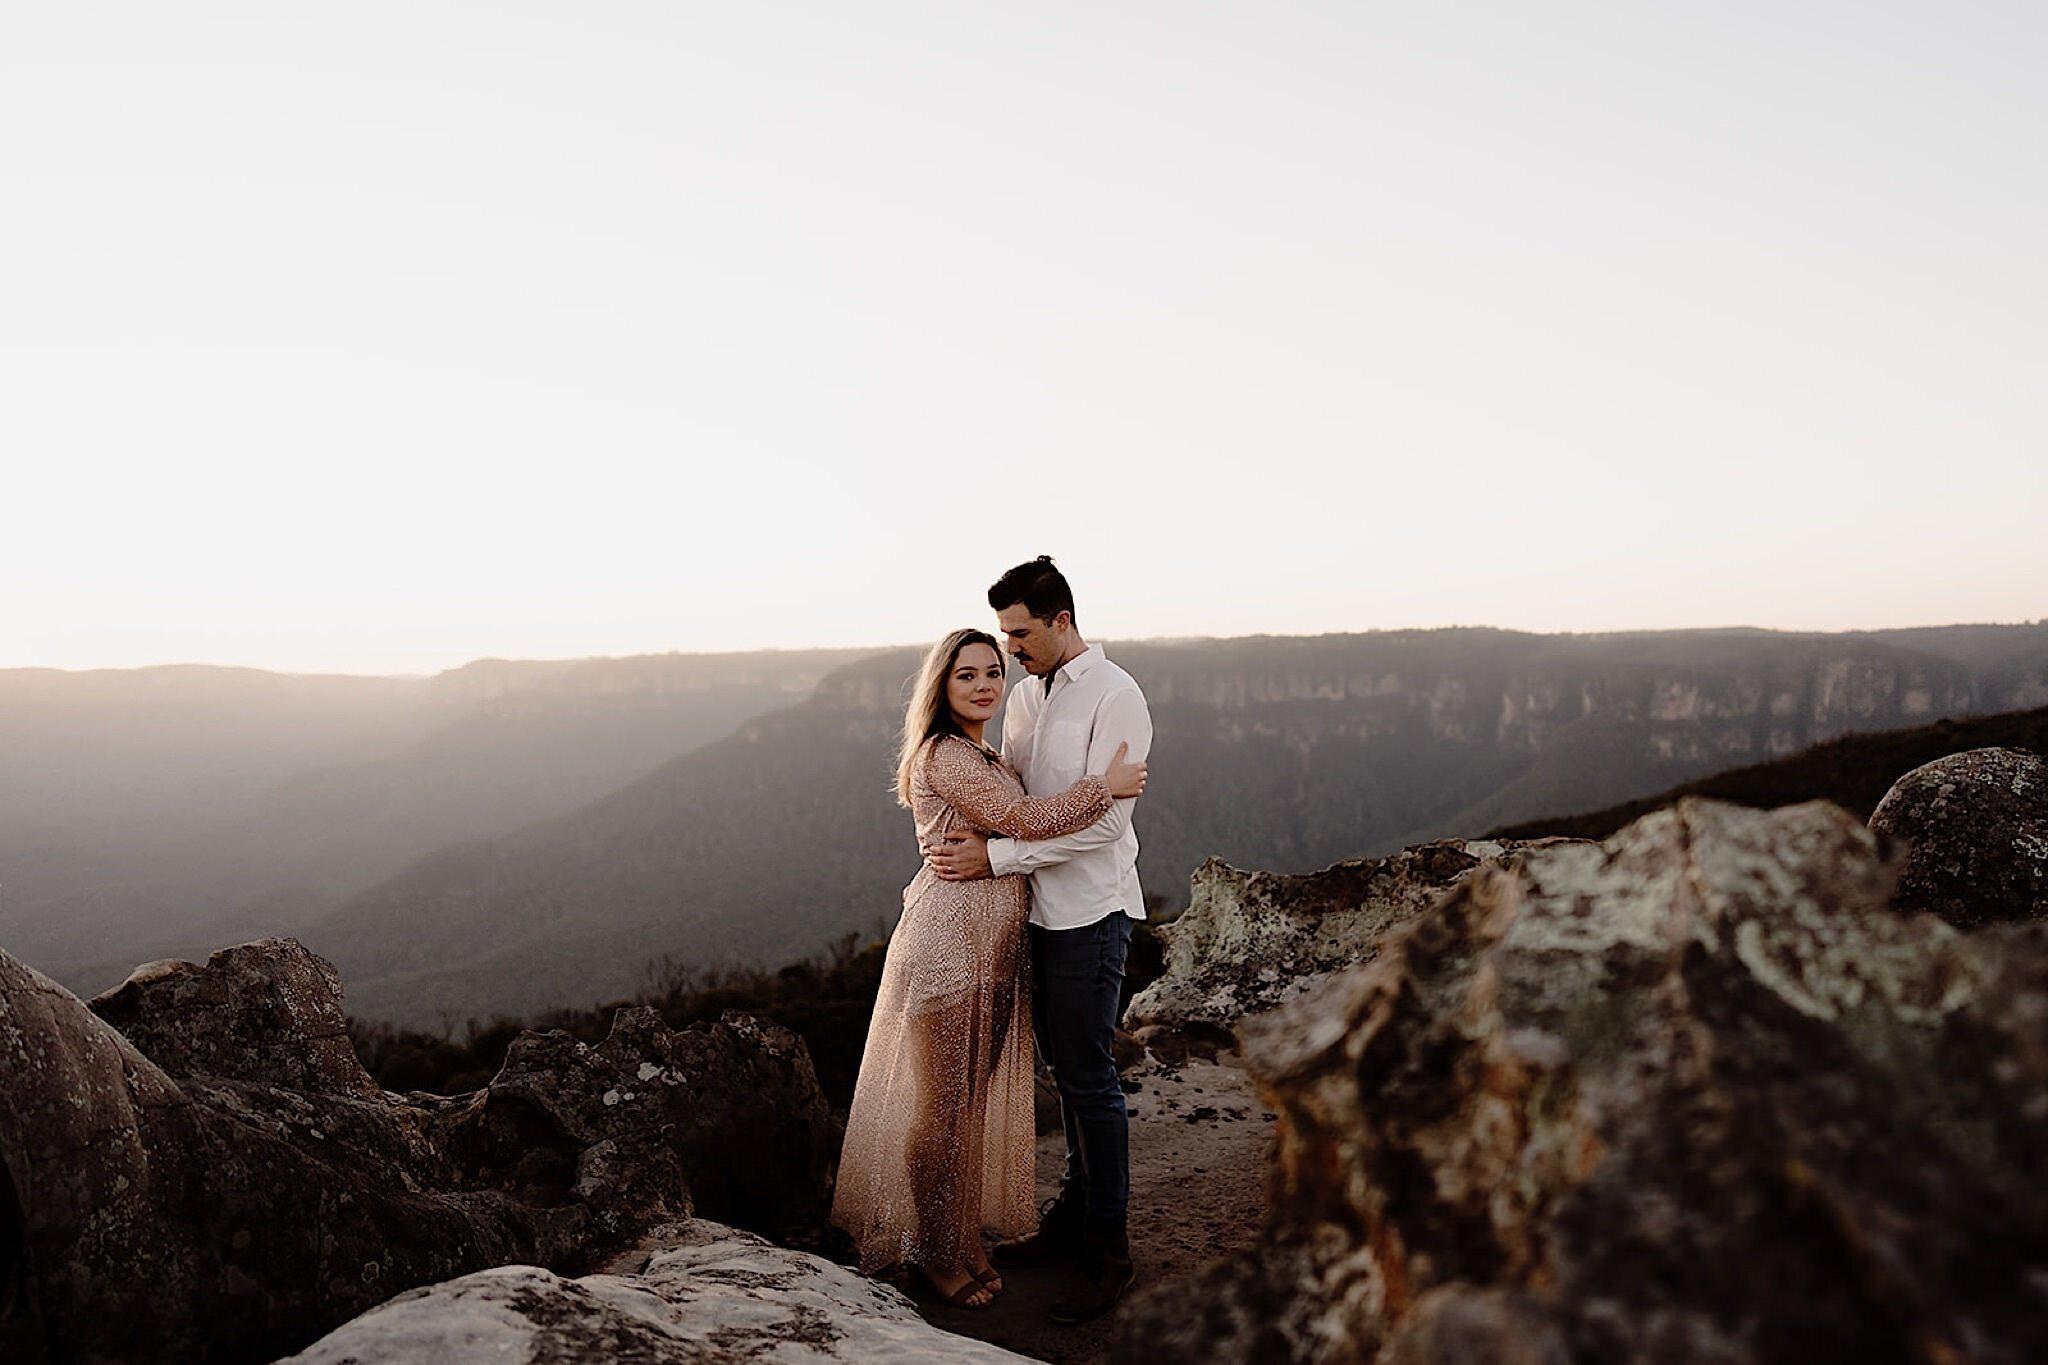 Blue Mountains Elopement Wedding Photography13.jpg